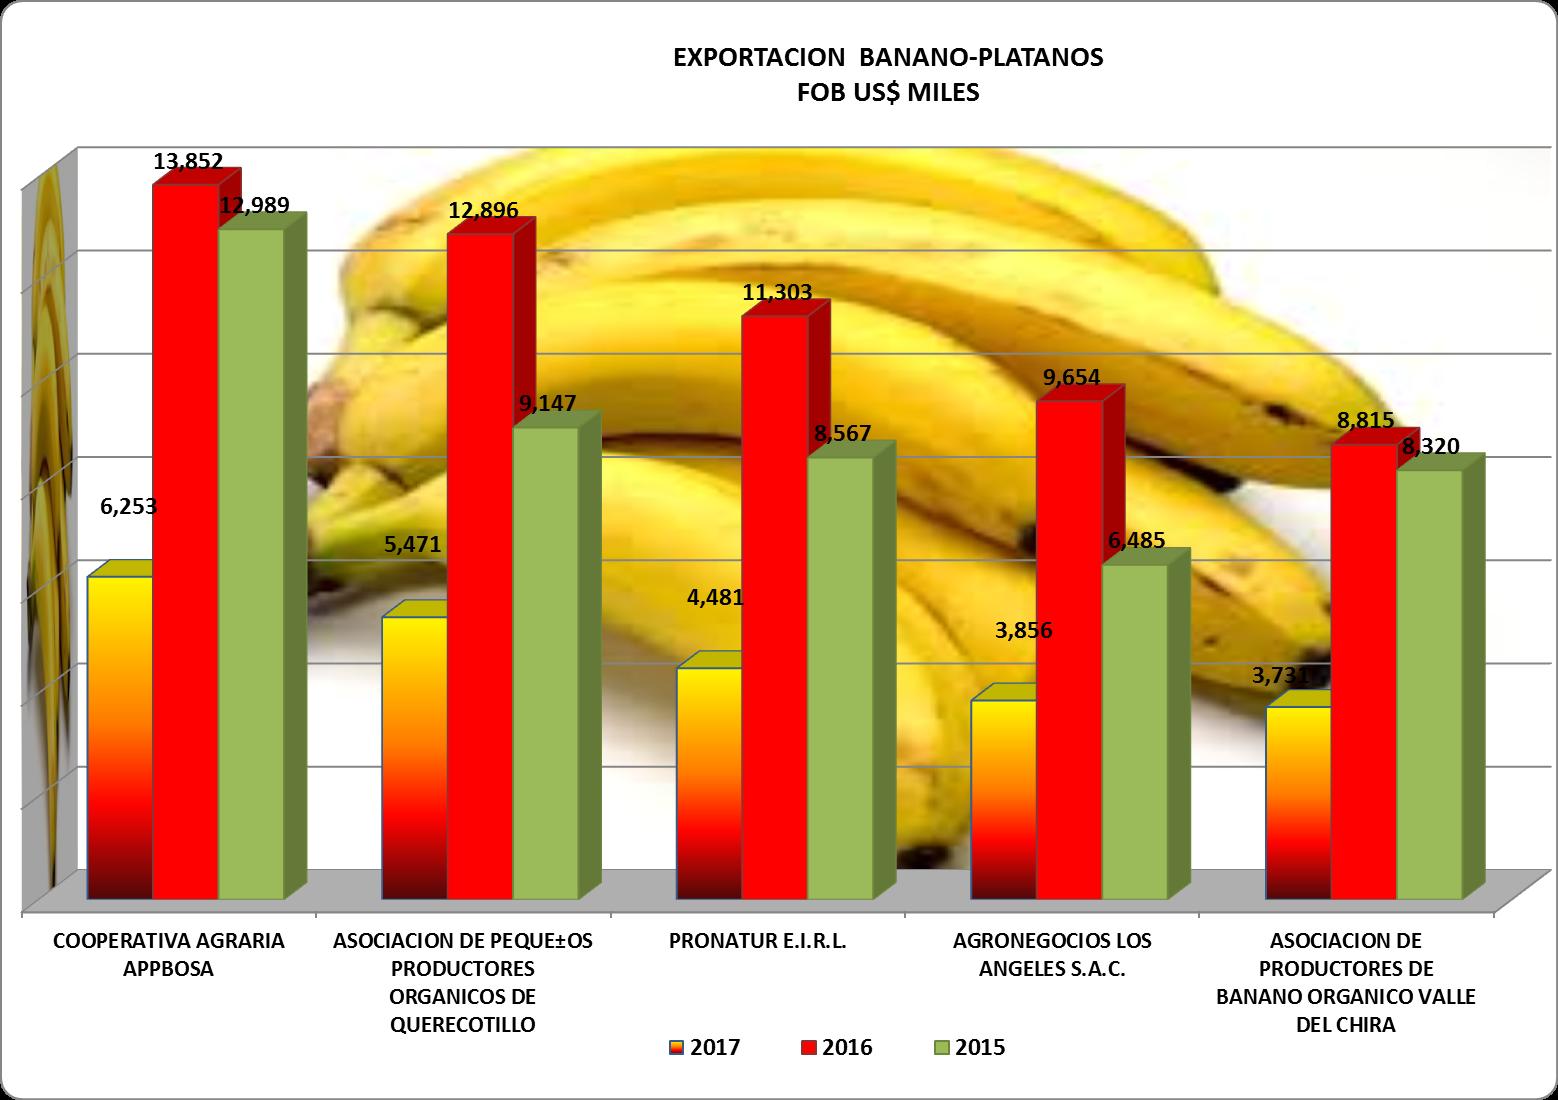 Plátano – Banano Perú Exportación 2017 Mayo